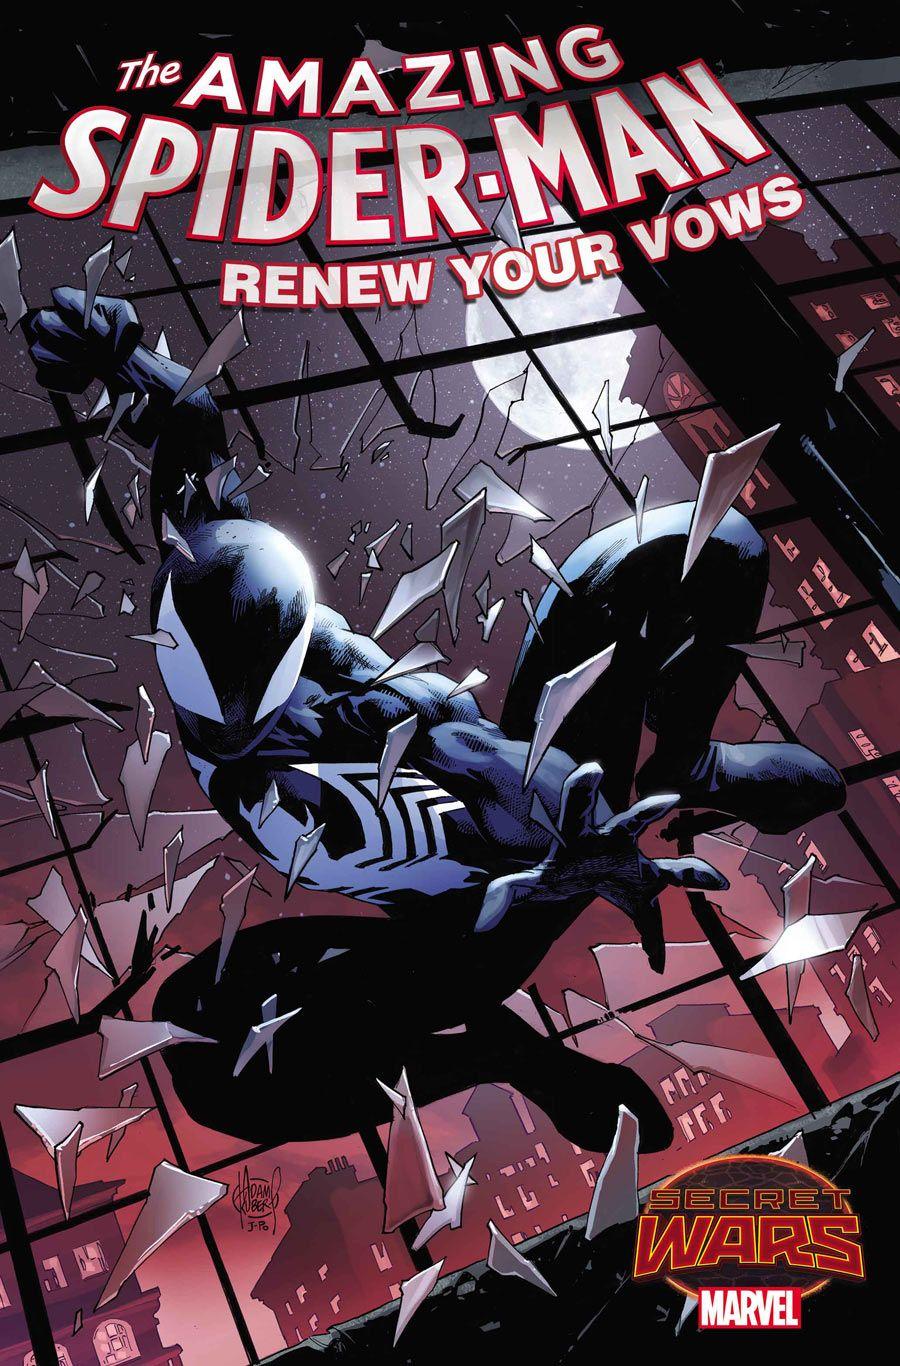 Adam Kubert Spider-Man: Renew Your Vows Very Good Dan Slott